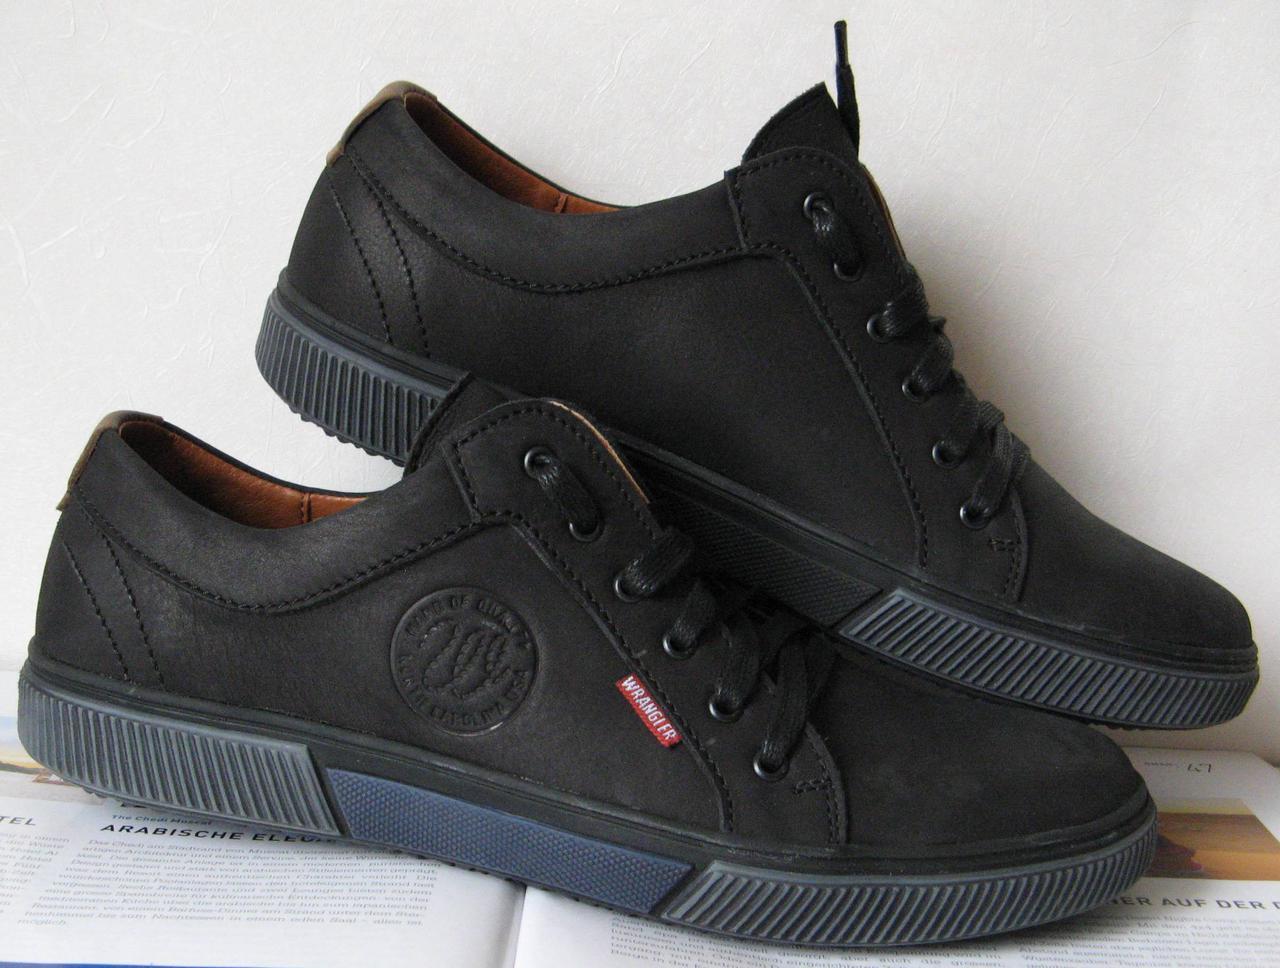 3027fc4f20d3 Wrangler! Мужские кеды осень обувь 2018 кожаные туфли в стиле Вранглер  ботинки Кеды. 995 грн.